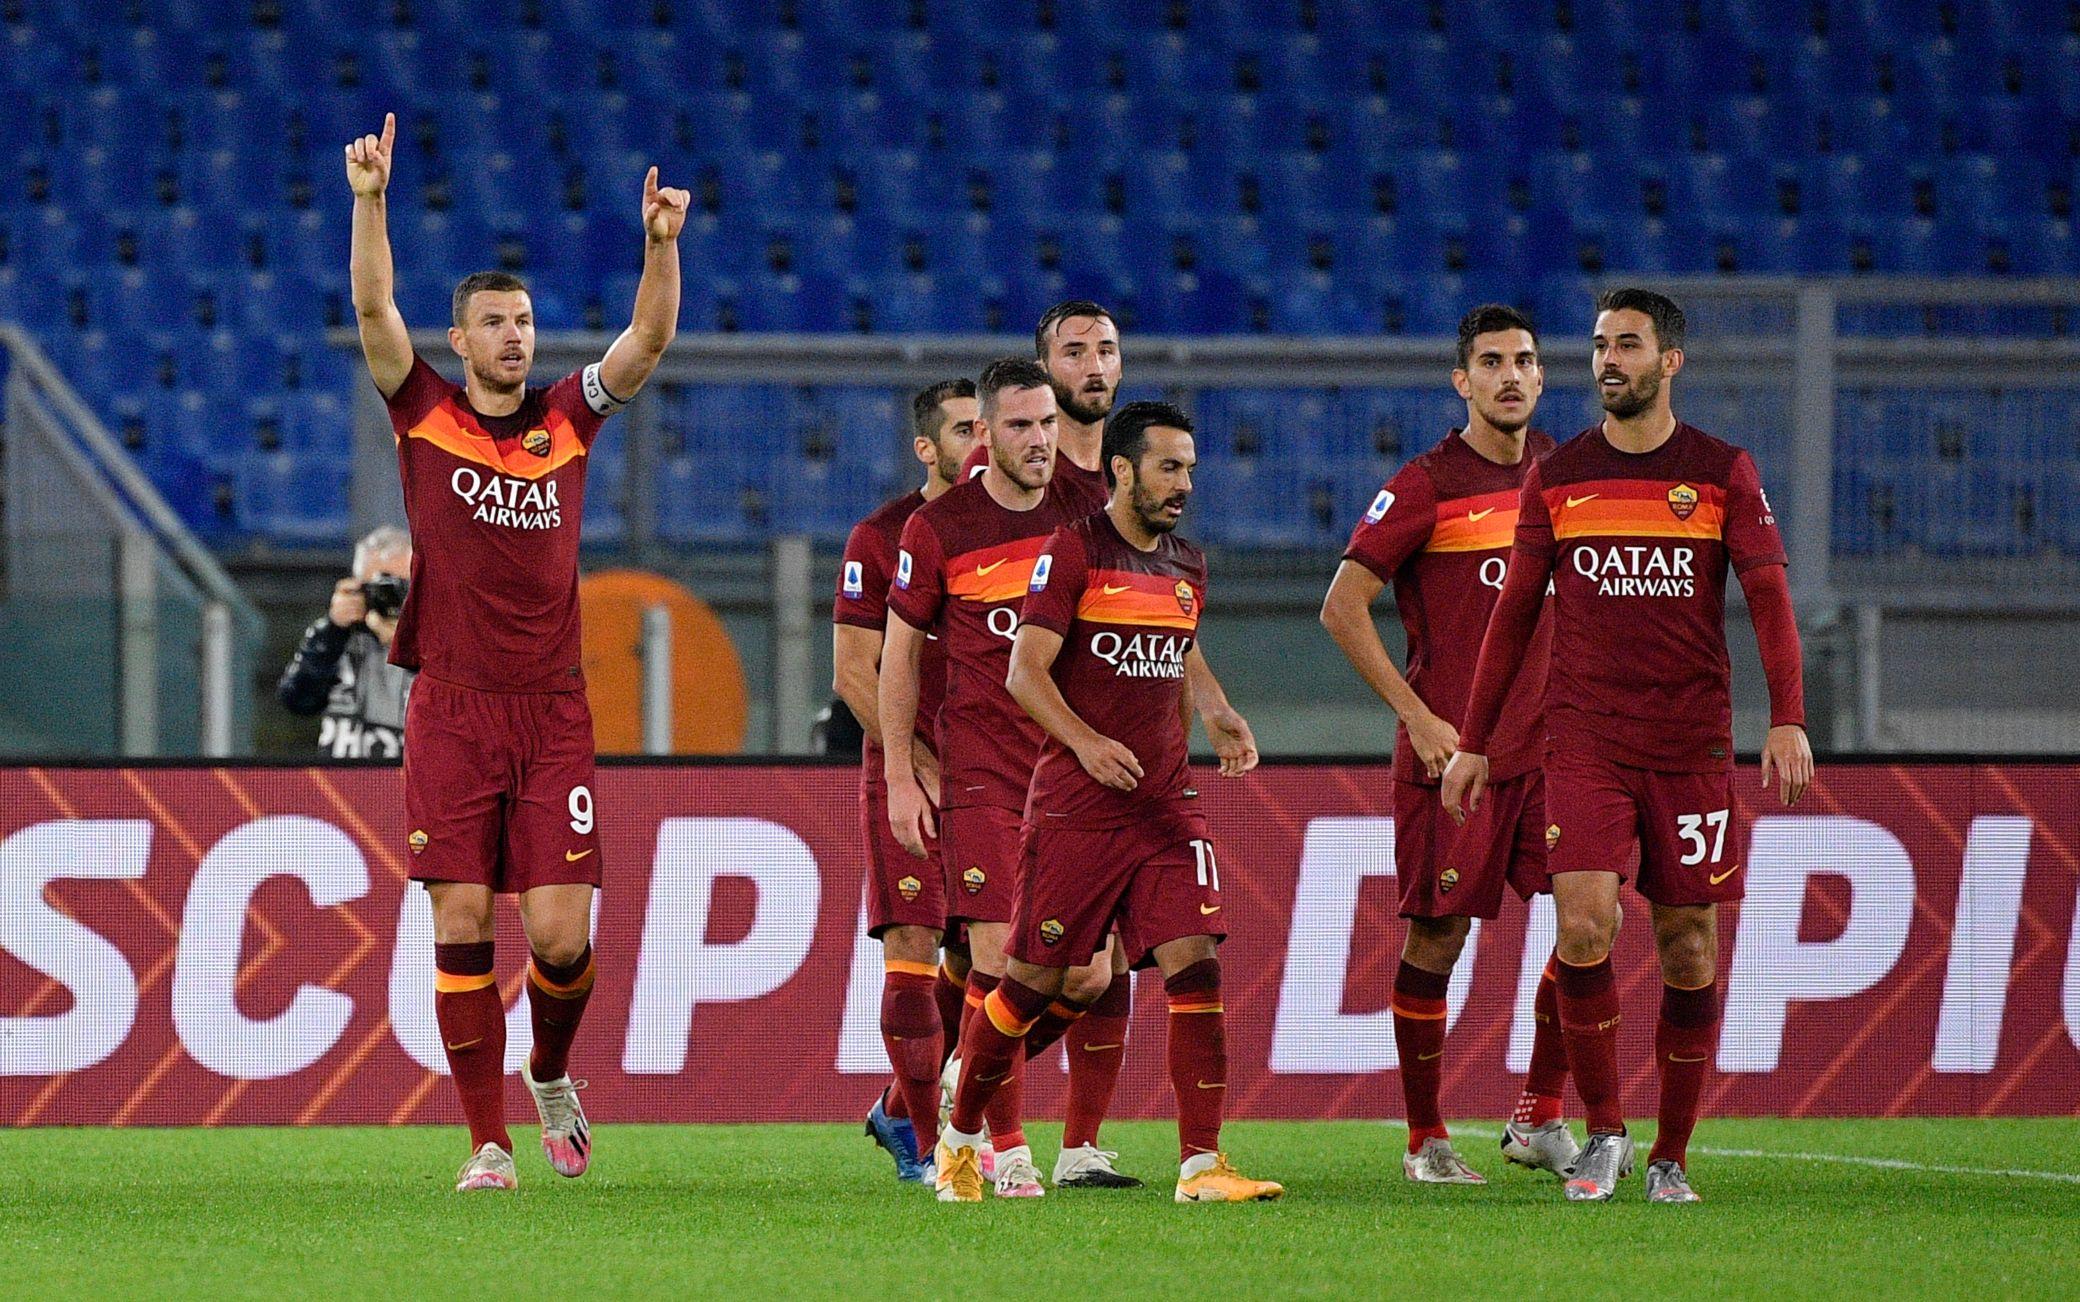 Le pagelle di Roma-Benevento: bentornato Dzeko